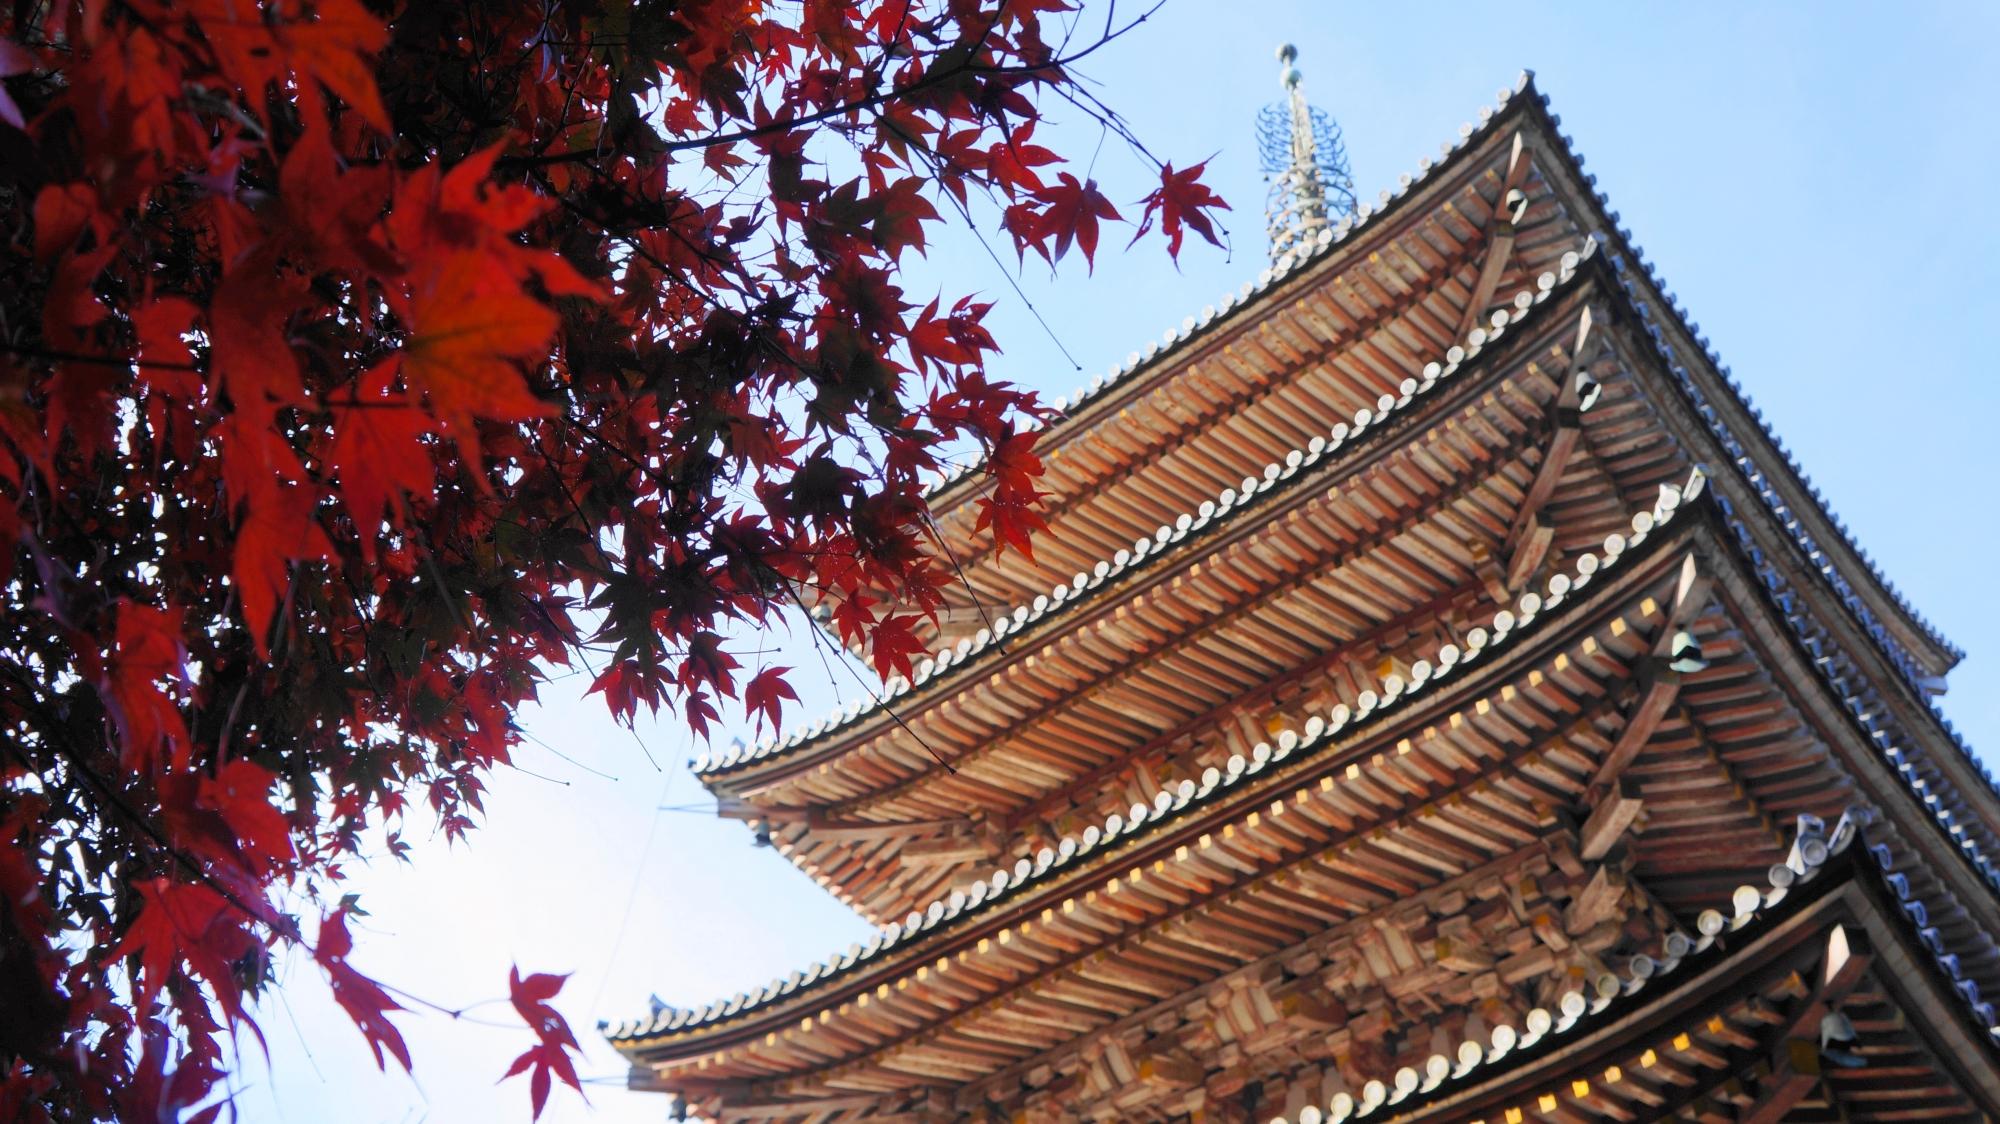 醍醐寺の五重塔の白い軒下に映える赤い紅葉